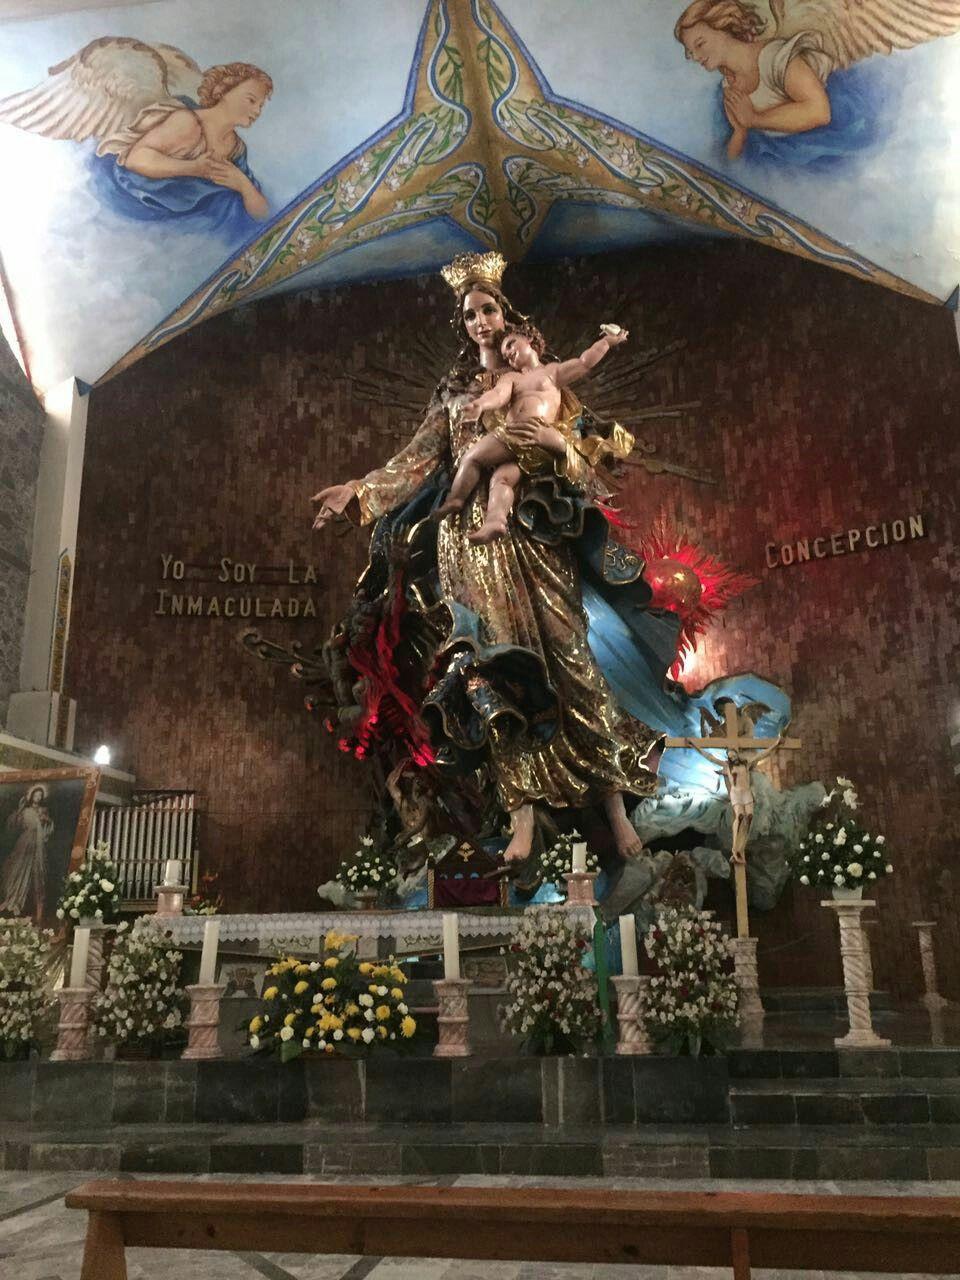 Virgen Inmaculada Concepción con 12 m de altura en Chignahuapan